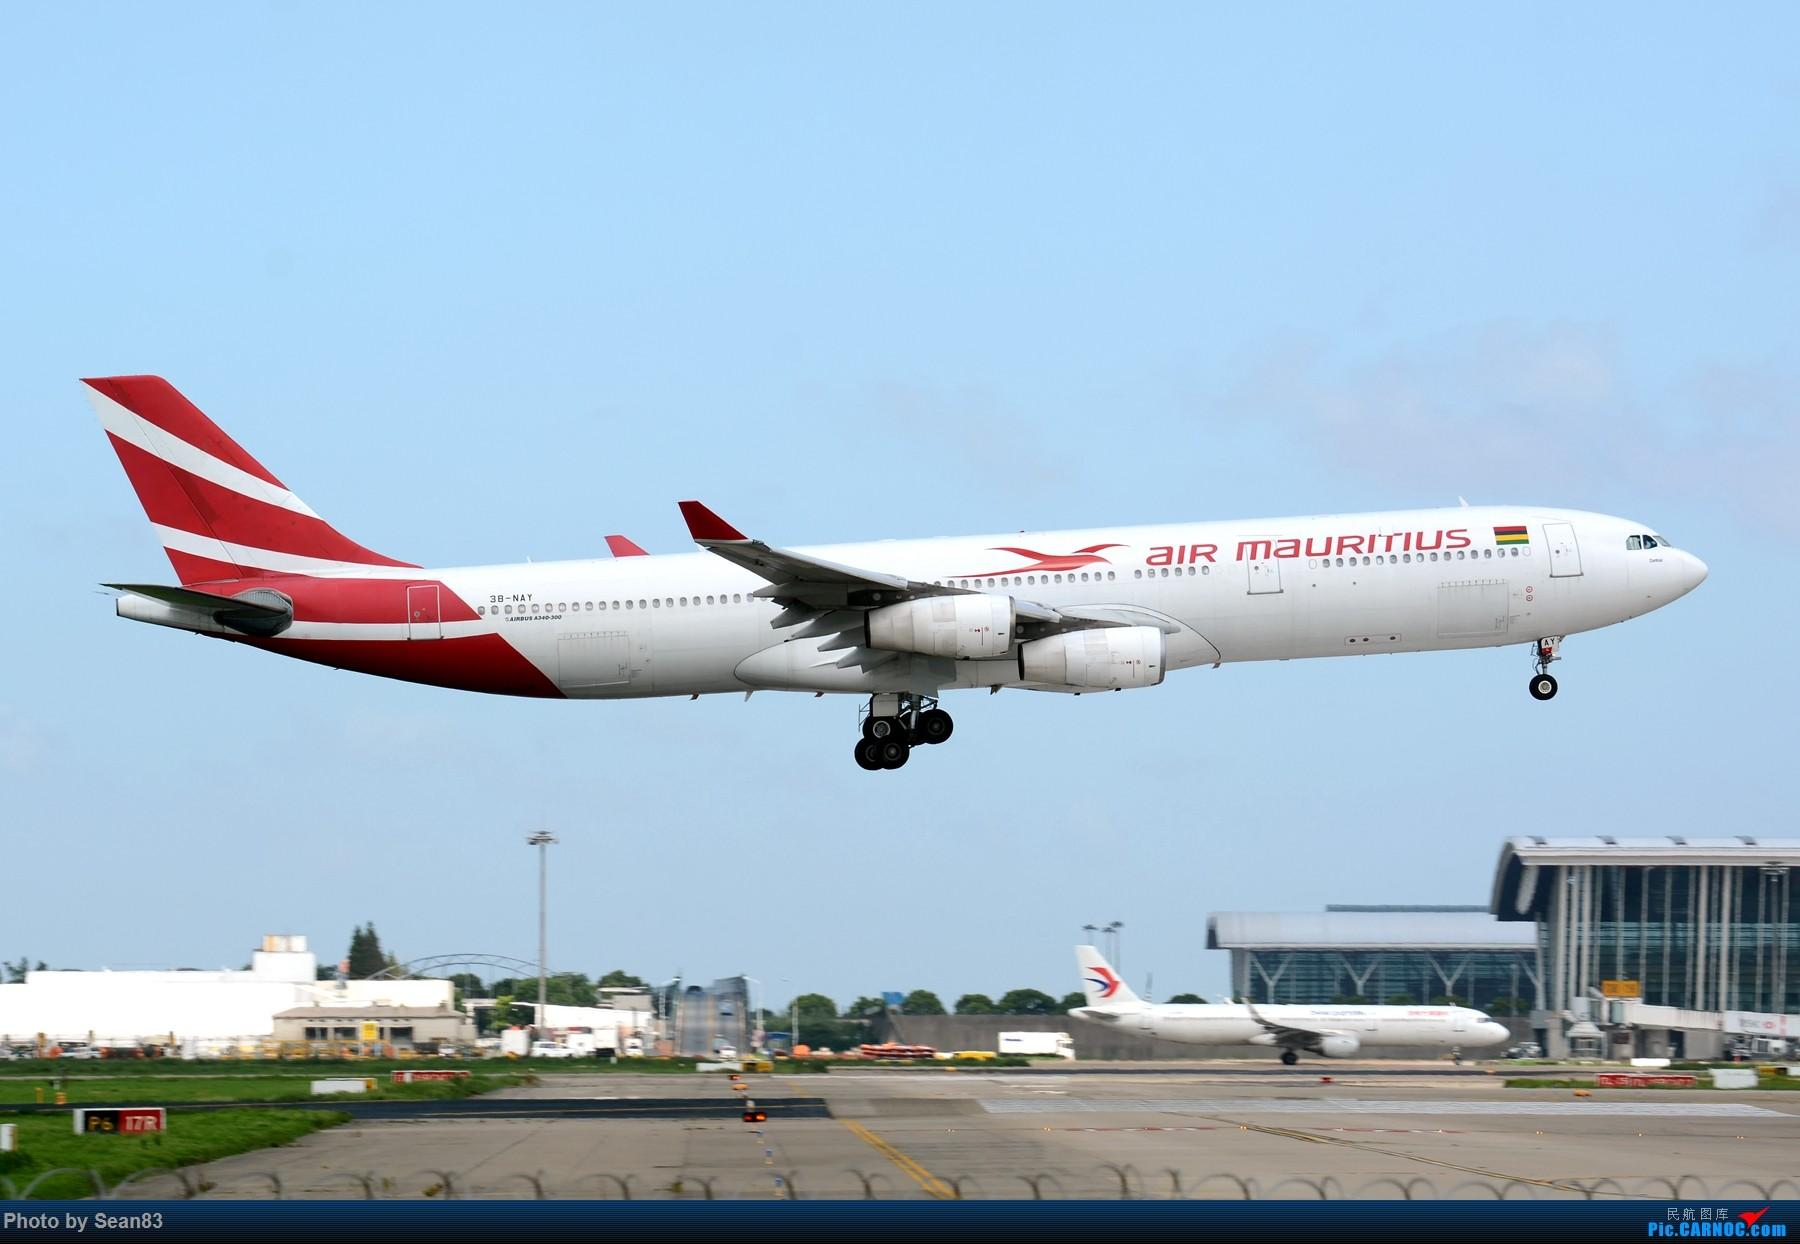 [原创](PVG 1800*)毛里求斯A340-300 AIRBUS A340-300 3B-NAY 上海浦东国际机场